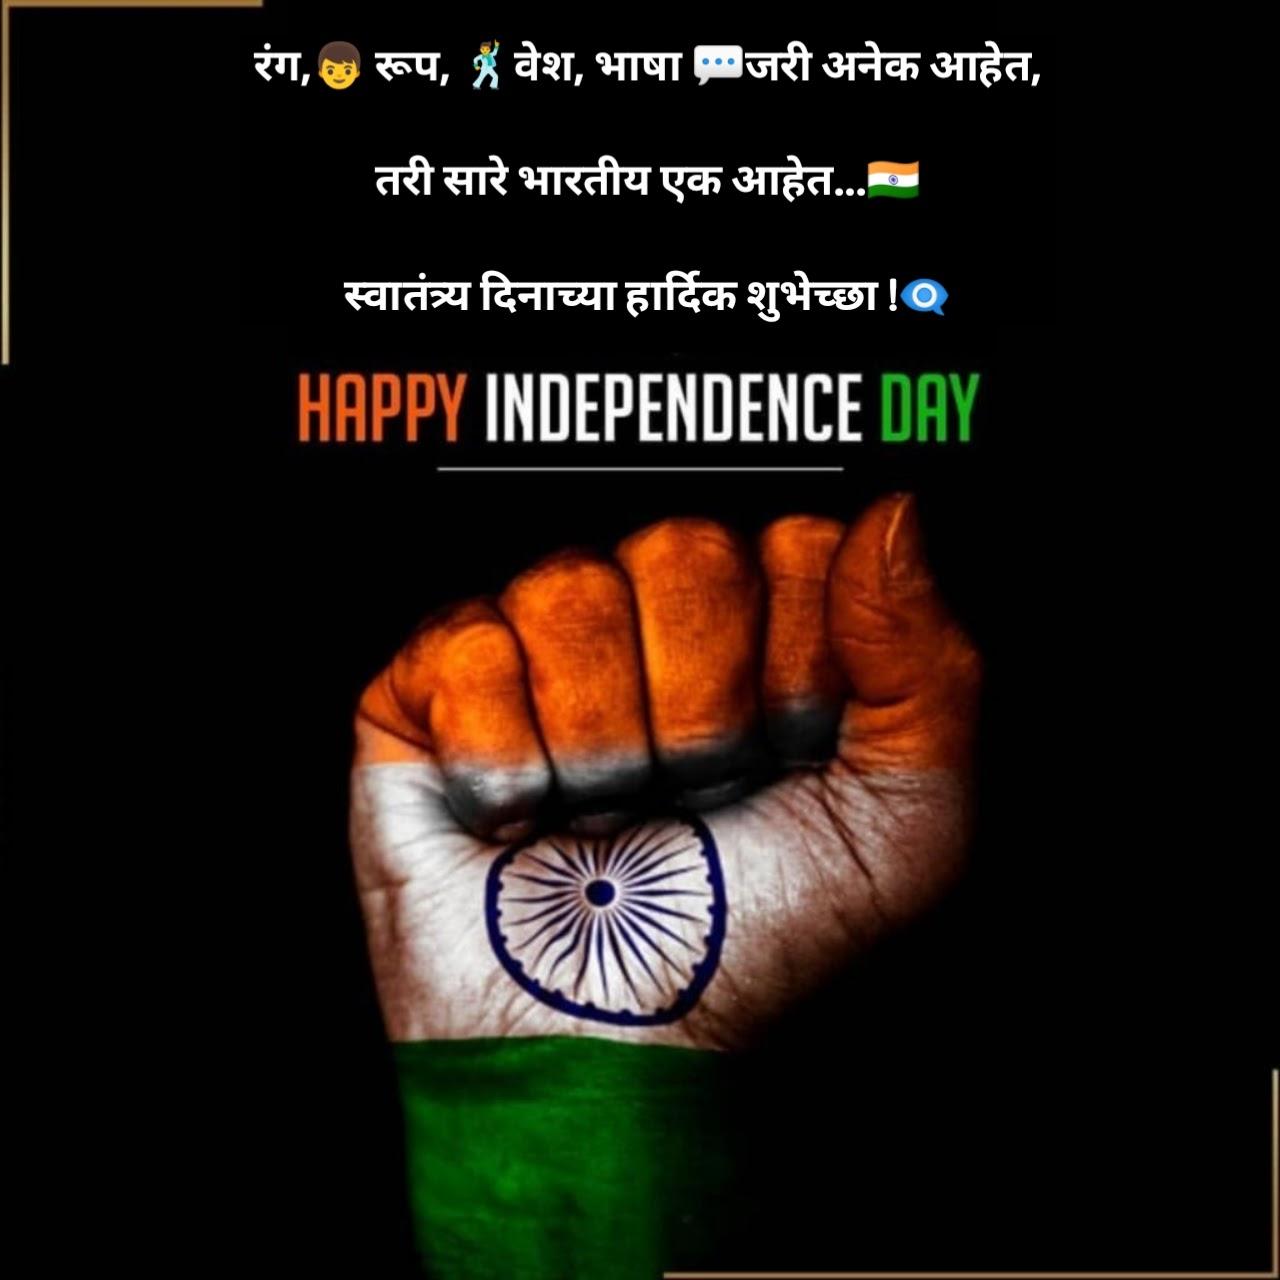 happy independence day marathi images